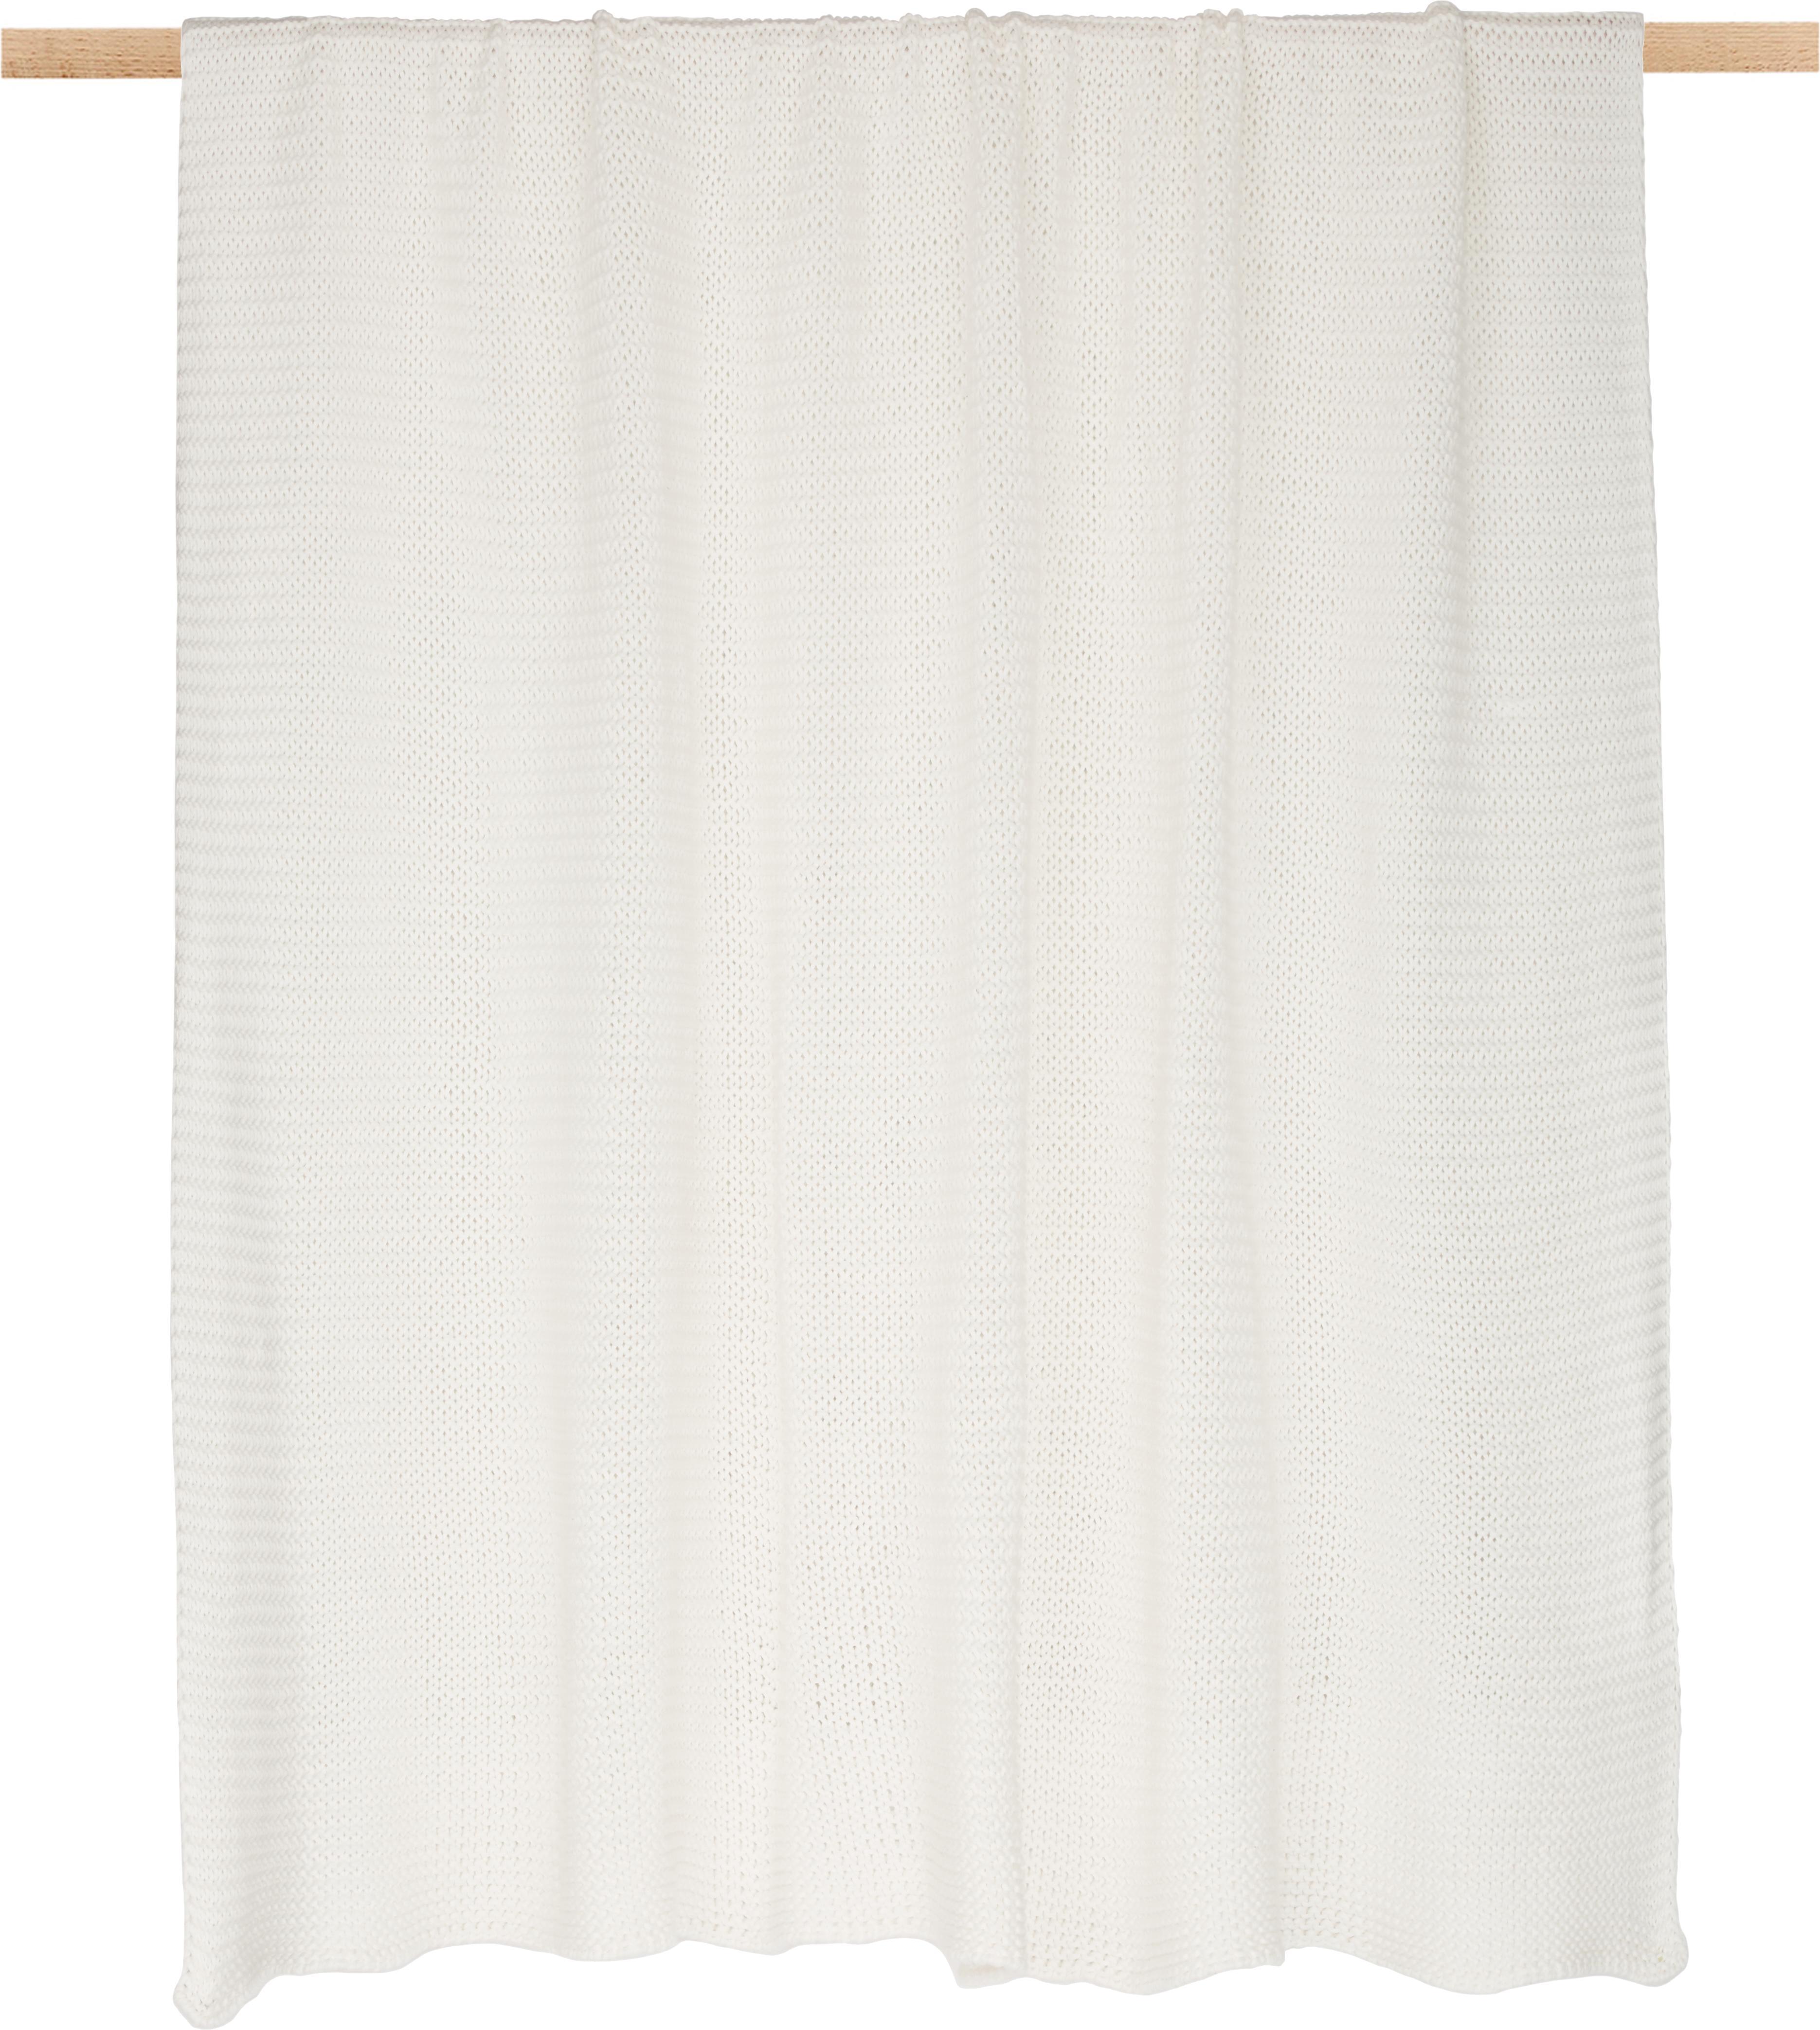 Strick-Plaid Adalyn in Naturweiß, 100% Baumwolle, Naturweiß, 150 x 200 cm